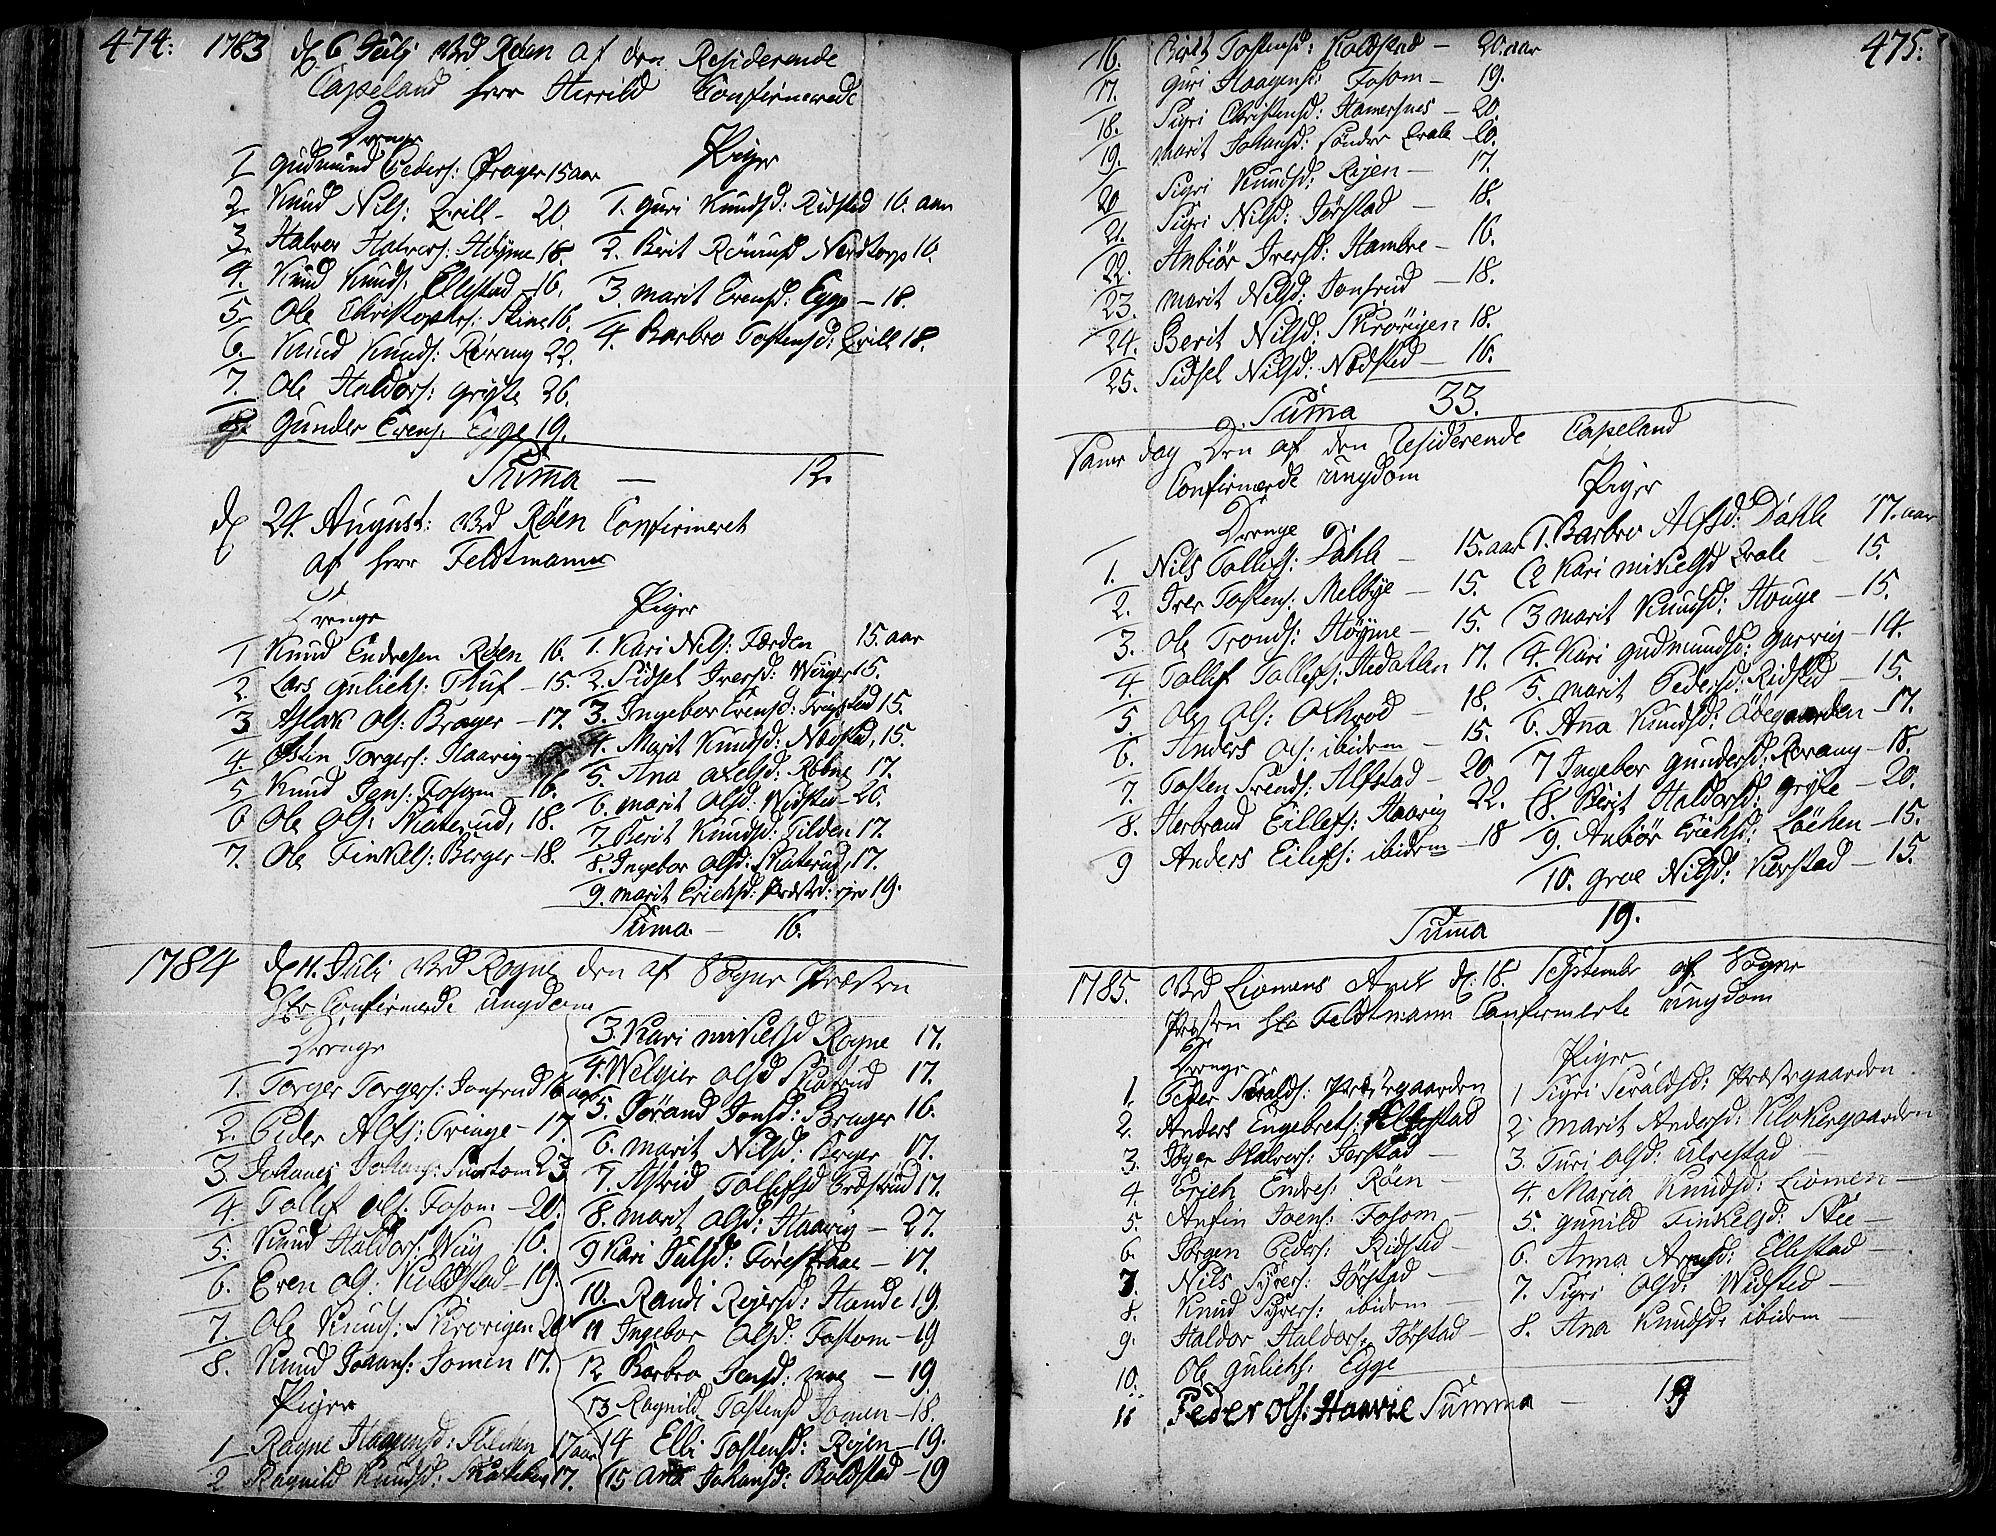 SAH, Slidre prestekontor, Ministerialbok nr. 1, 1724-1814, s. 474-475